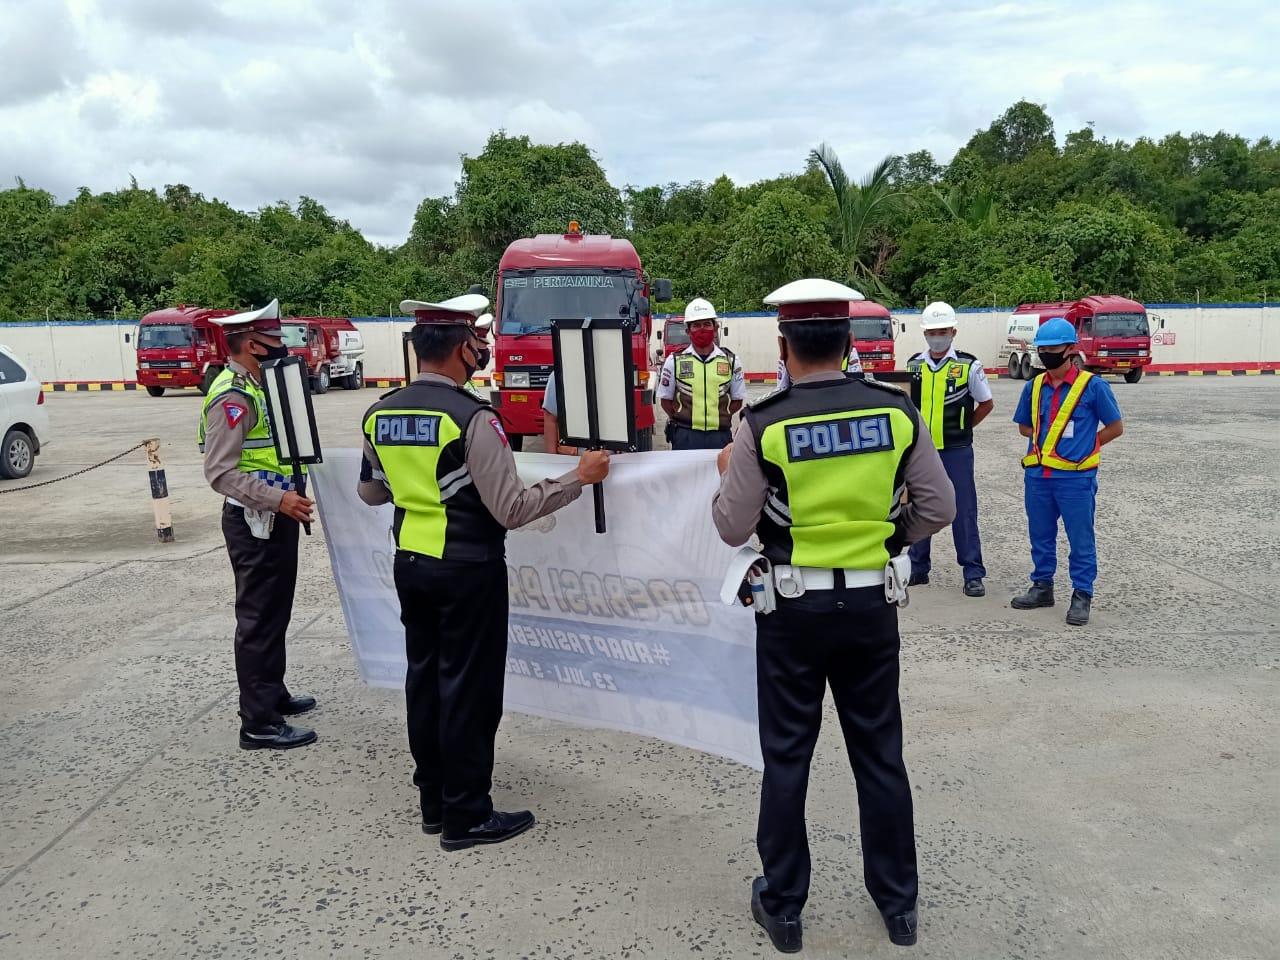 Satlantas Polres Pulpis Sosialisasikan Operasi Patuh Telabang 2020 dan Protokol Kesehatan Covid-19